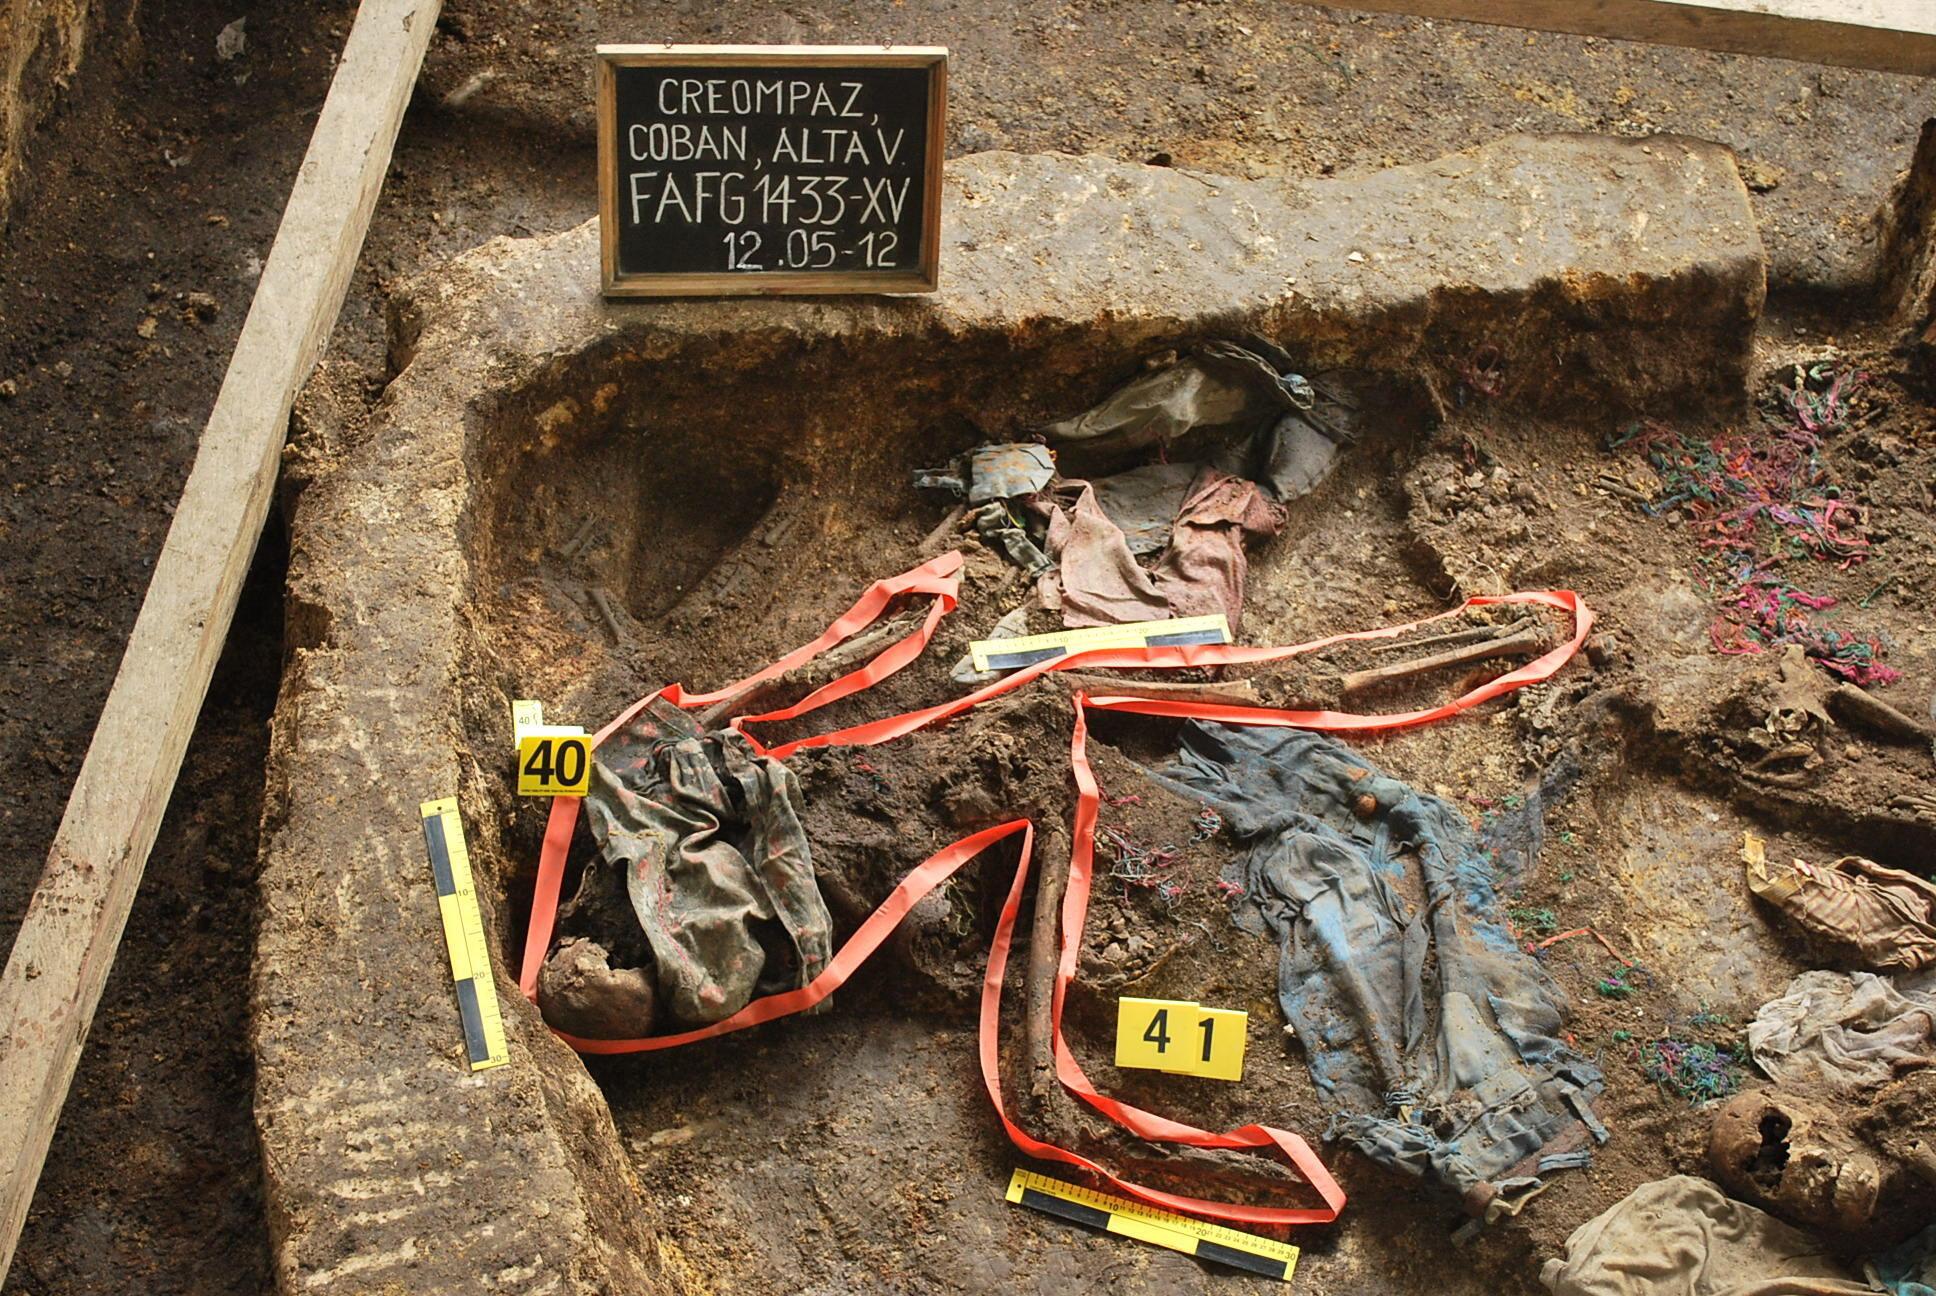 Los restos de una desaparecida encontrados en una fosa común  en la municipalidad de Cobán, el 12 de yo del 2012.